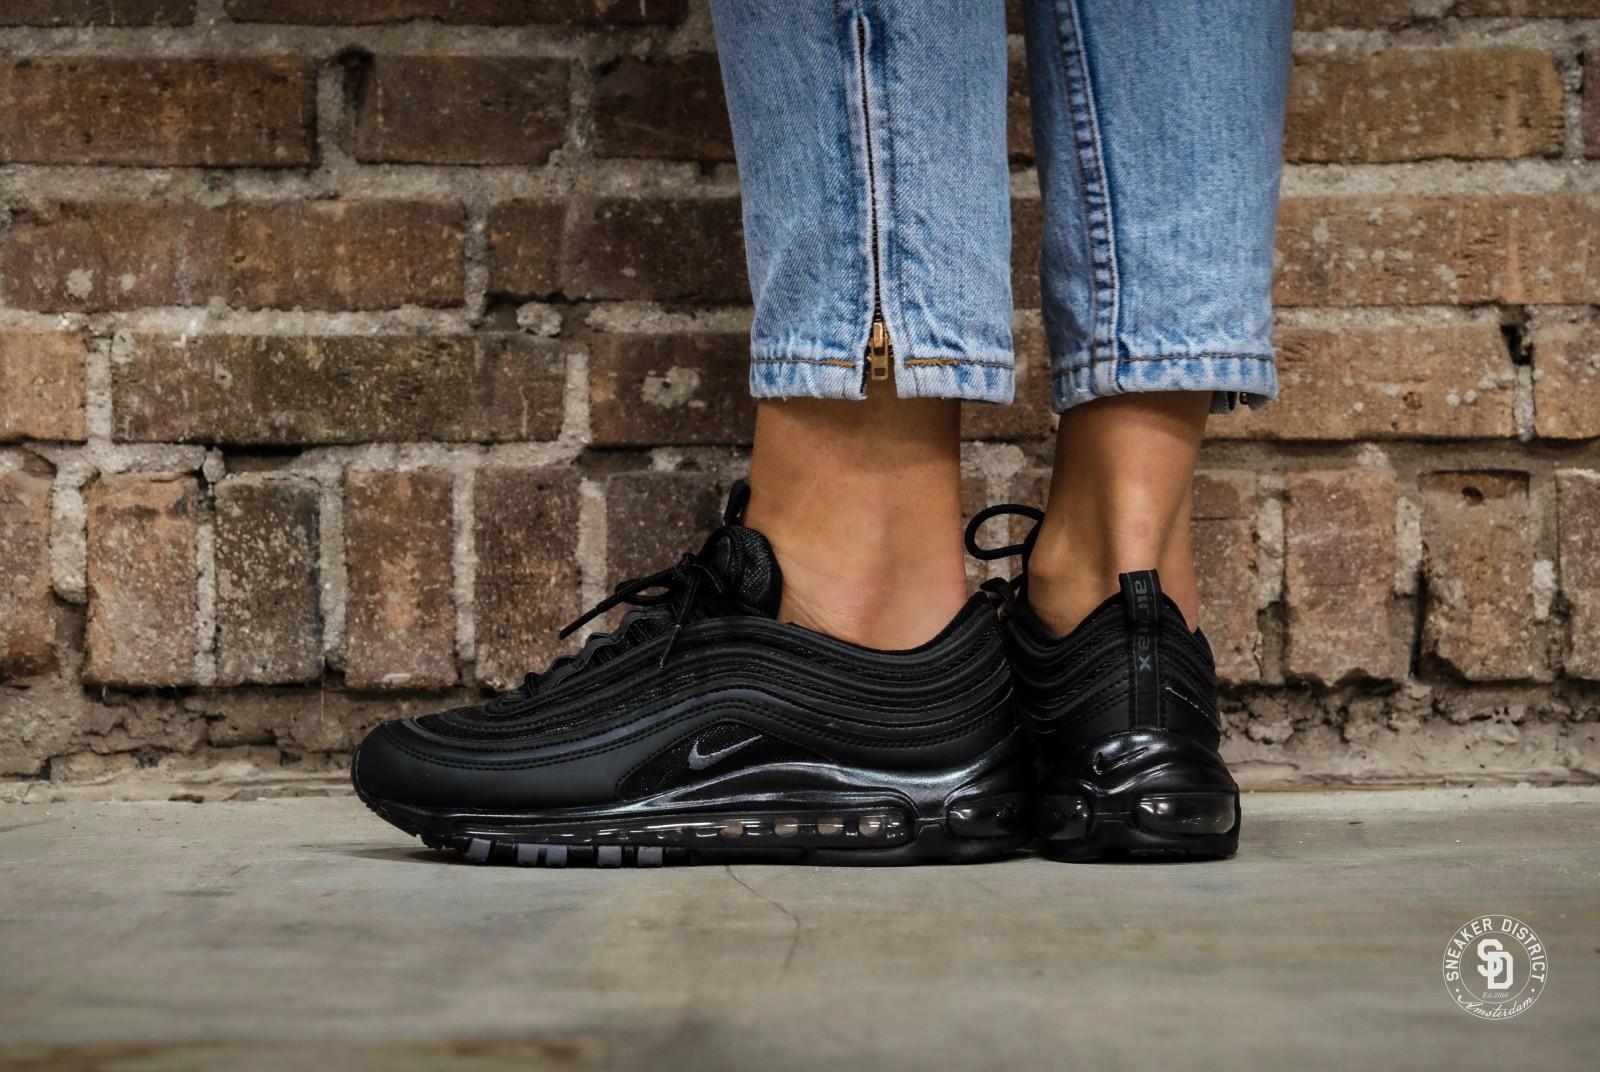 Nike Womens Air Max 97 BlackBlack Dark Grey Sneakers